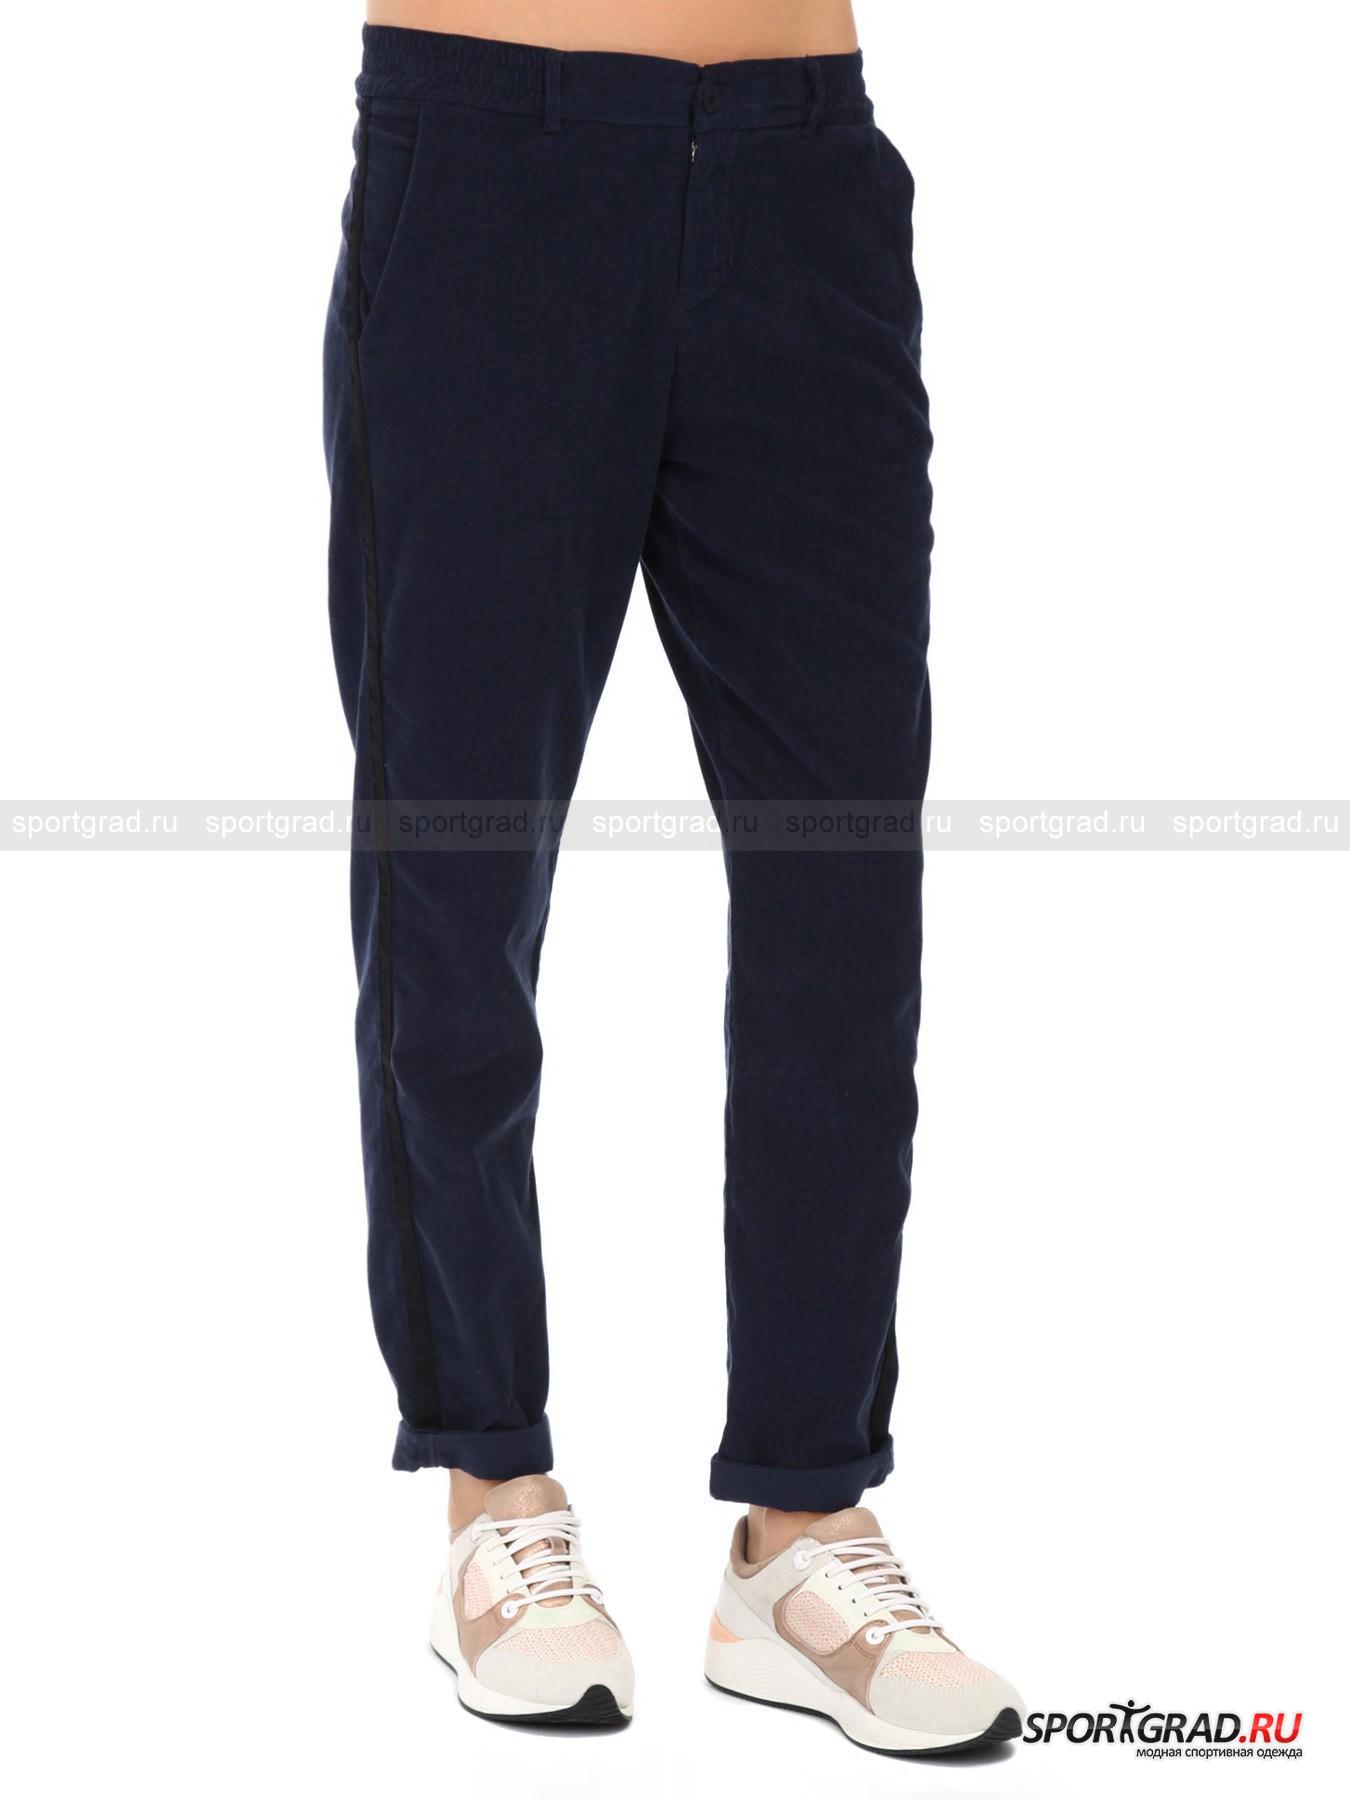 Женские брюки больших размеров с доставкой